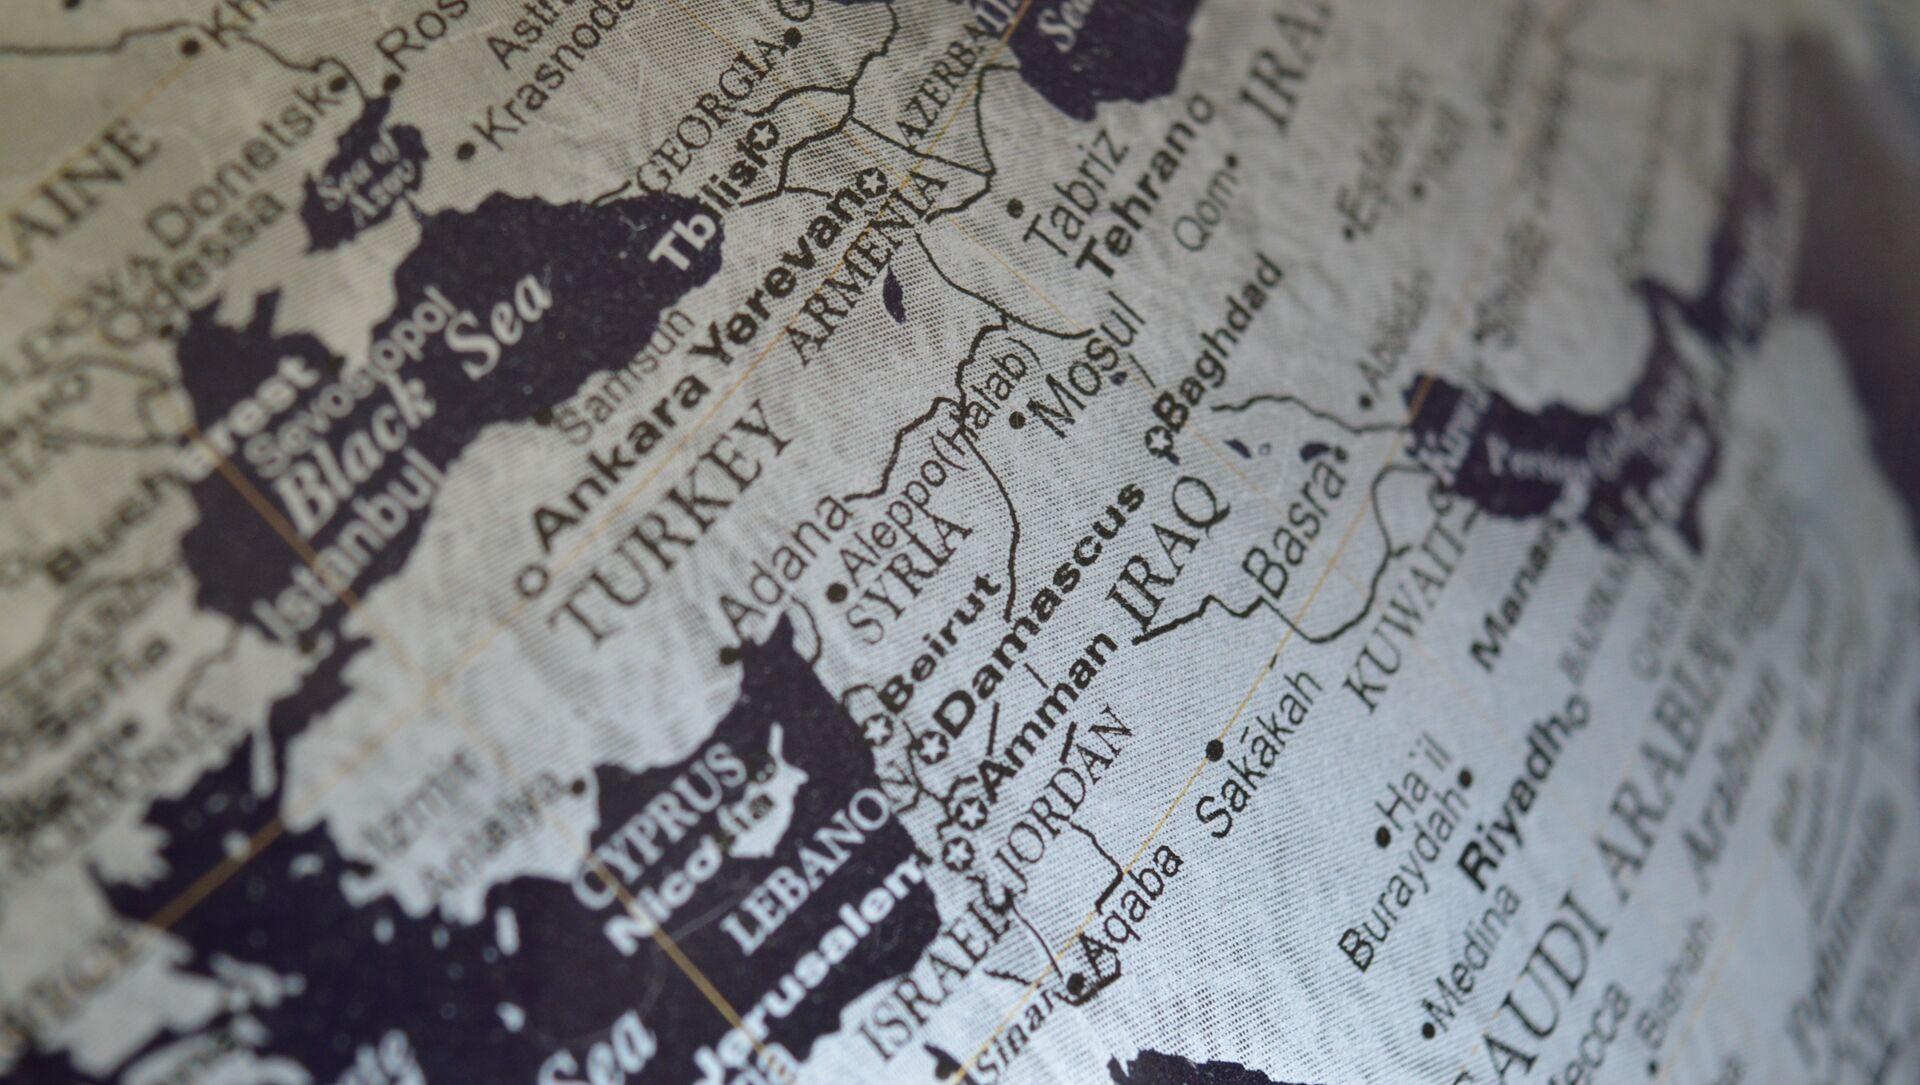 Siria en el mapa - Sputnik Mundo, 1920, 29.01.2021